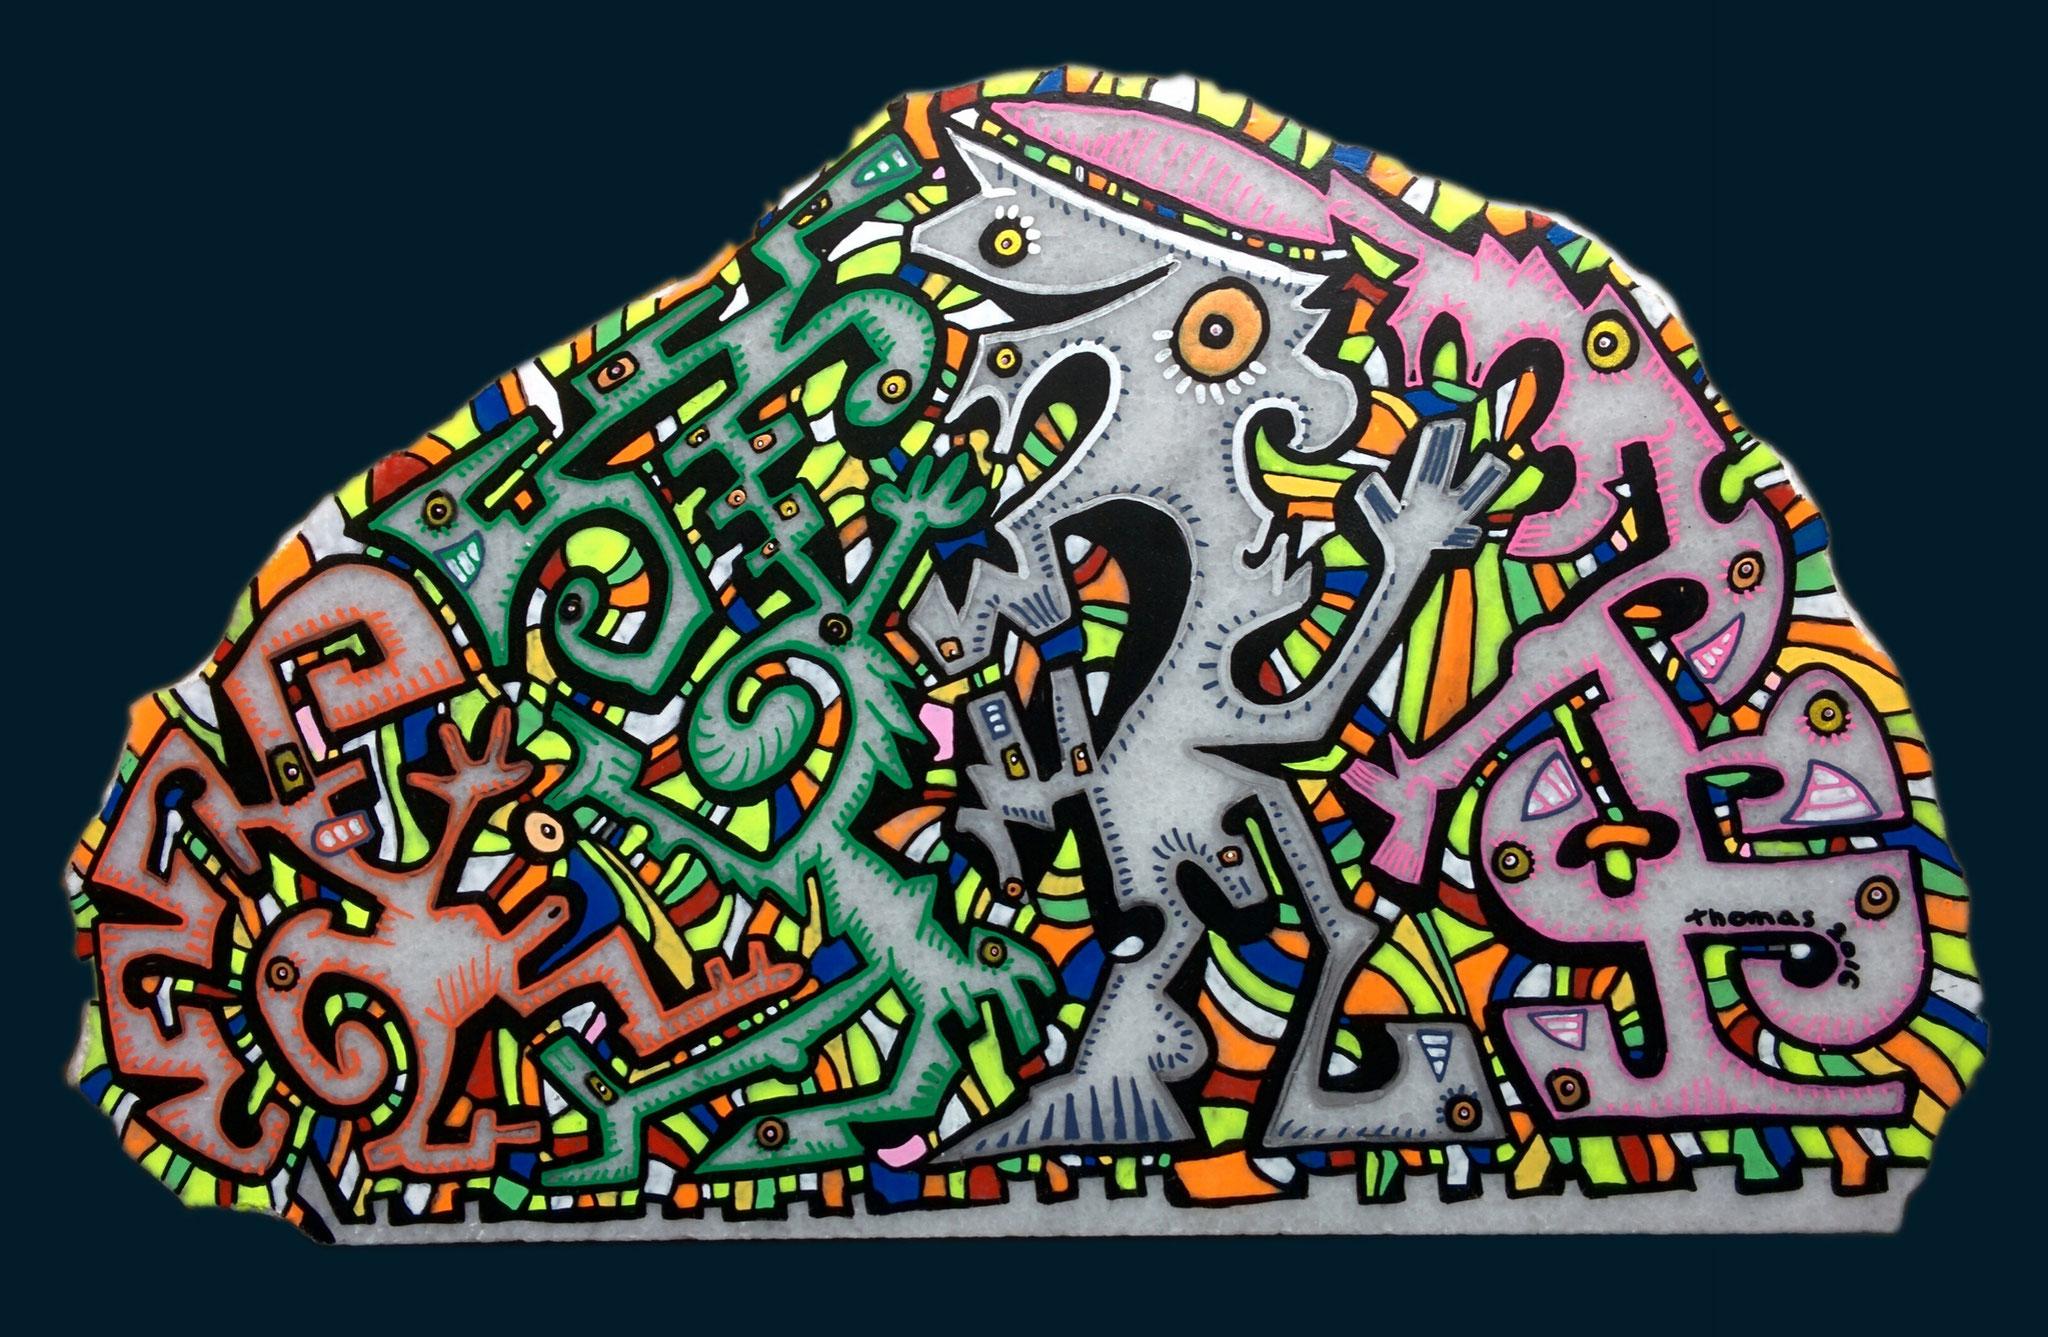 Marbre n°42/ taille : 30x18cm/ épaisseur : 3cm/ feutres acrylique/finition vernis satin/2016/ prix : 80 euros